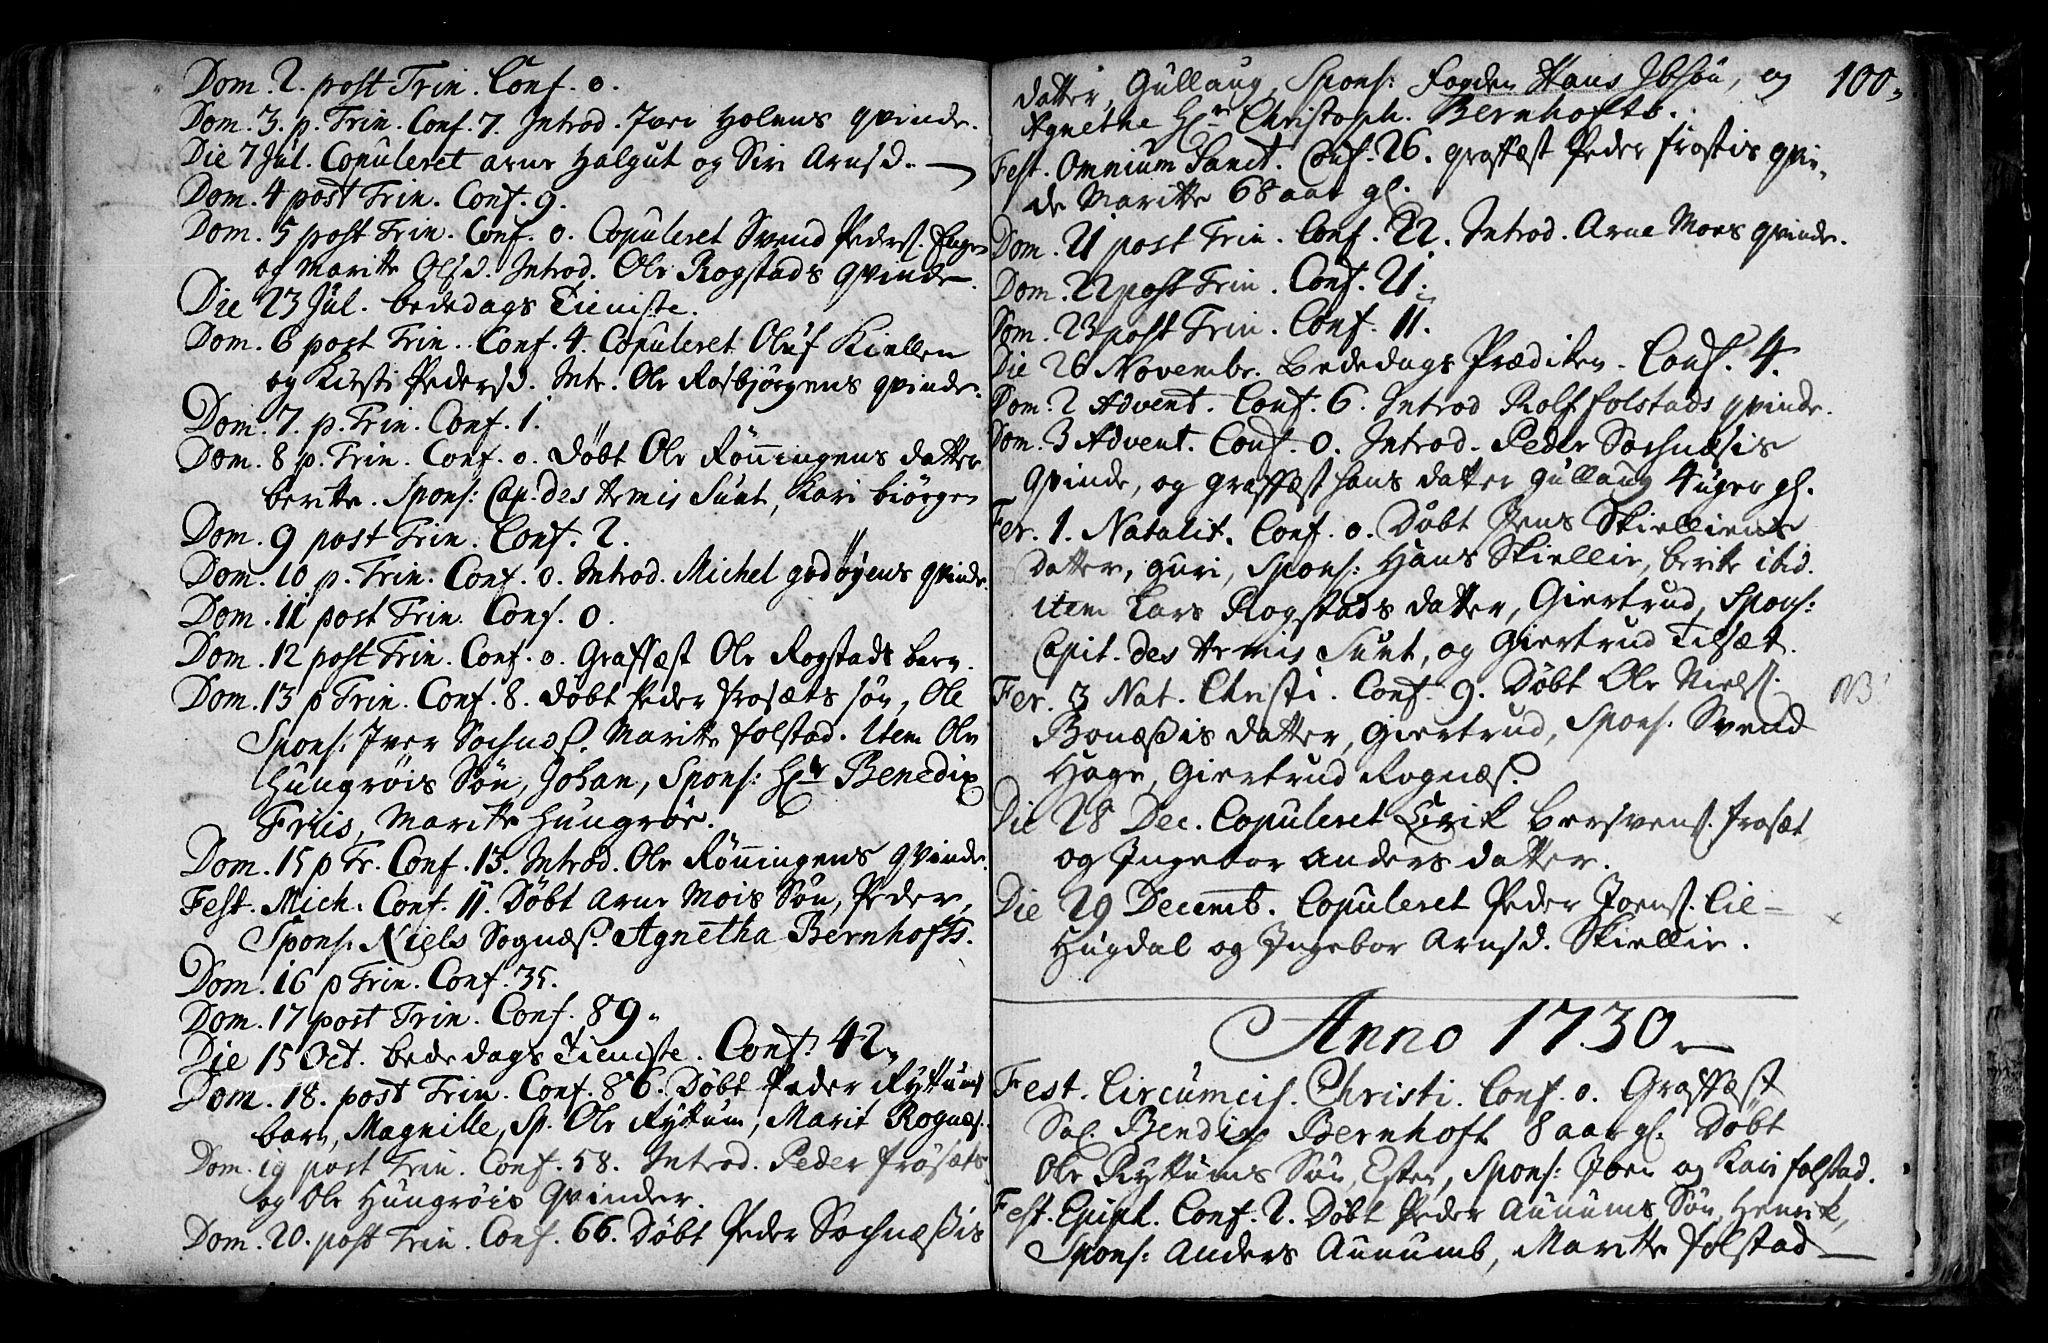 SAT, Ministerialprotokoller, klokkerbøker og fødselsregistre - Sør-Trøndelag, 687/L0990: Ministerialbok nr. 687A01, 1690-1746, s. 100